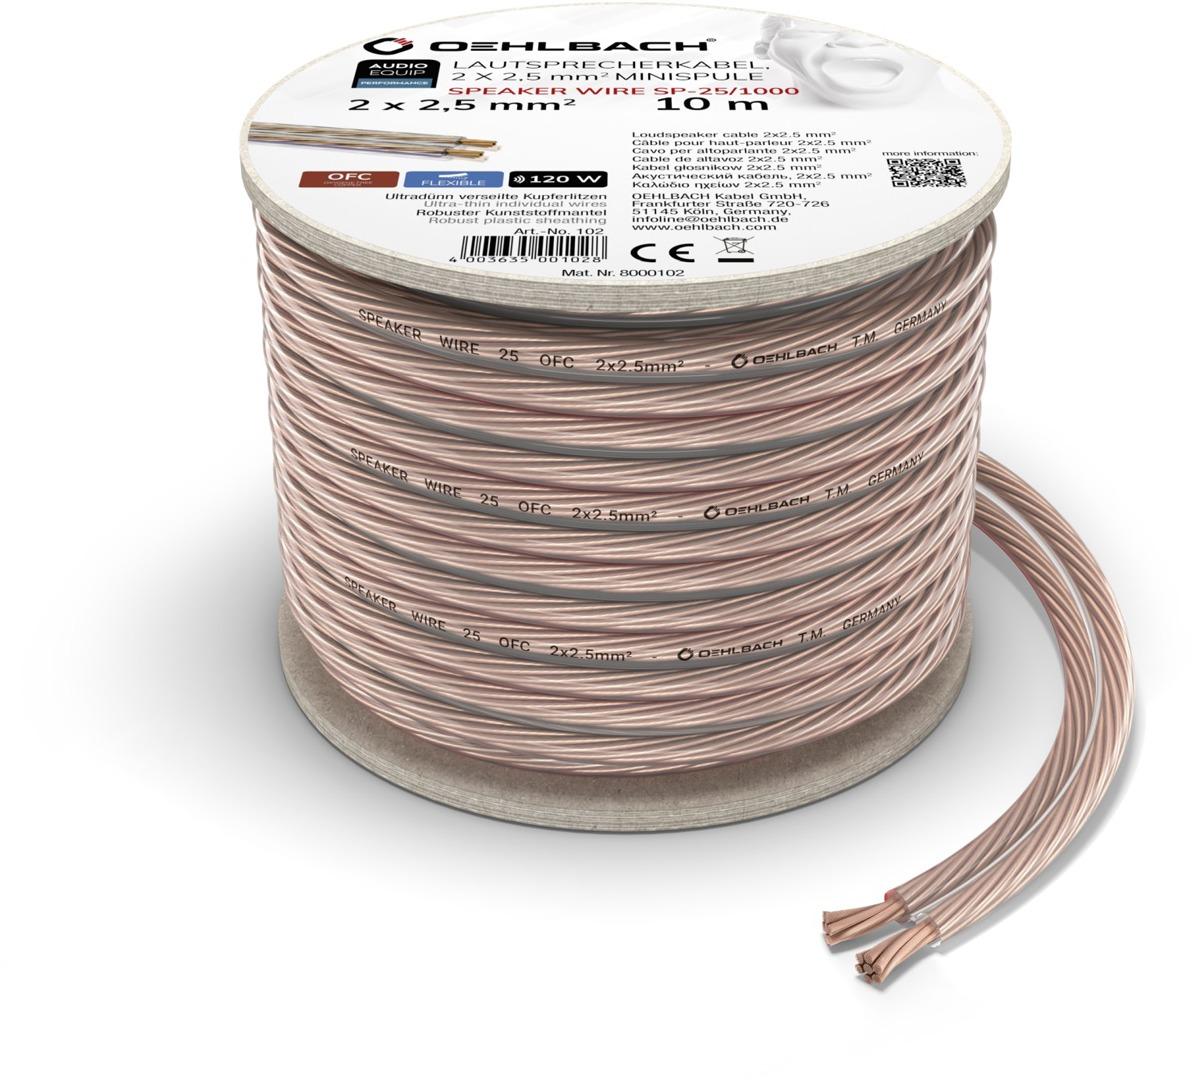 Foto van Oehlbach Luidsprekerkabel 2 x 2,5 mm², minihaspel 10 m Luidspreker kabel